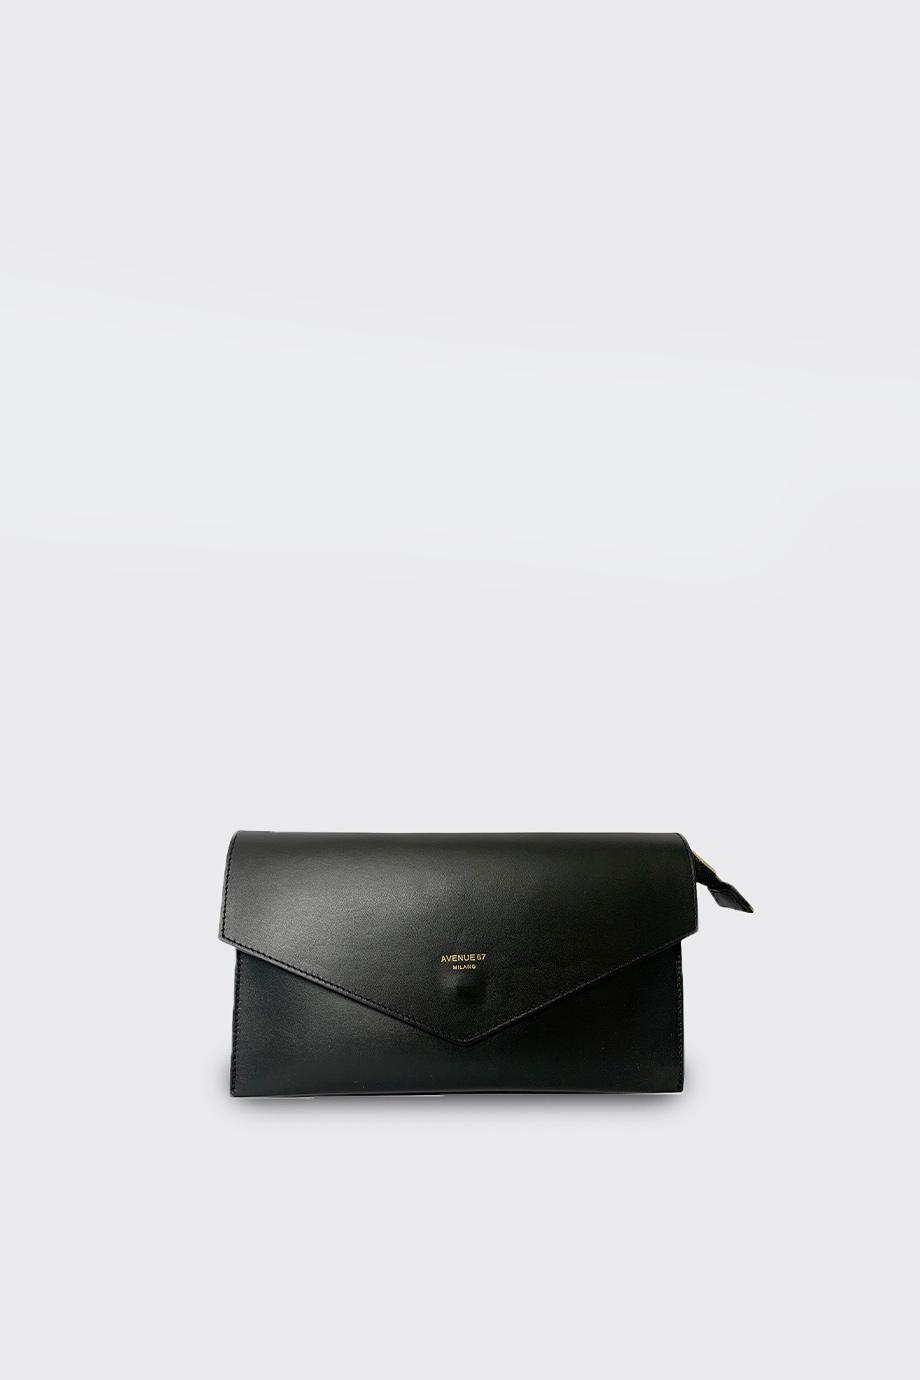 borsa pochette camilla nero avenue 67